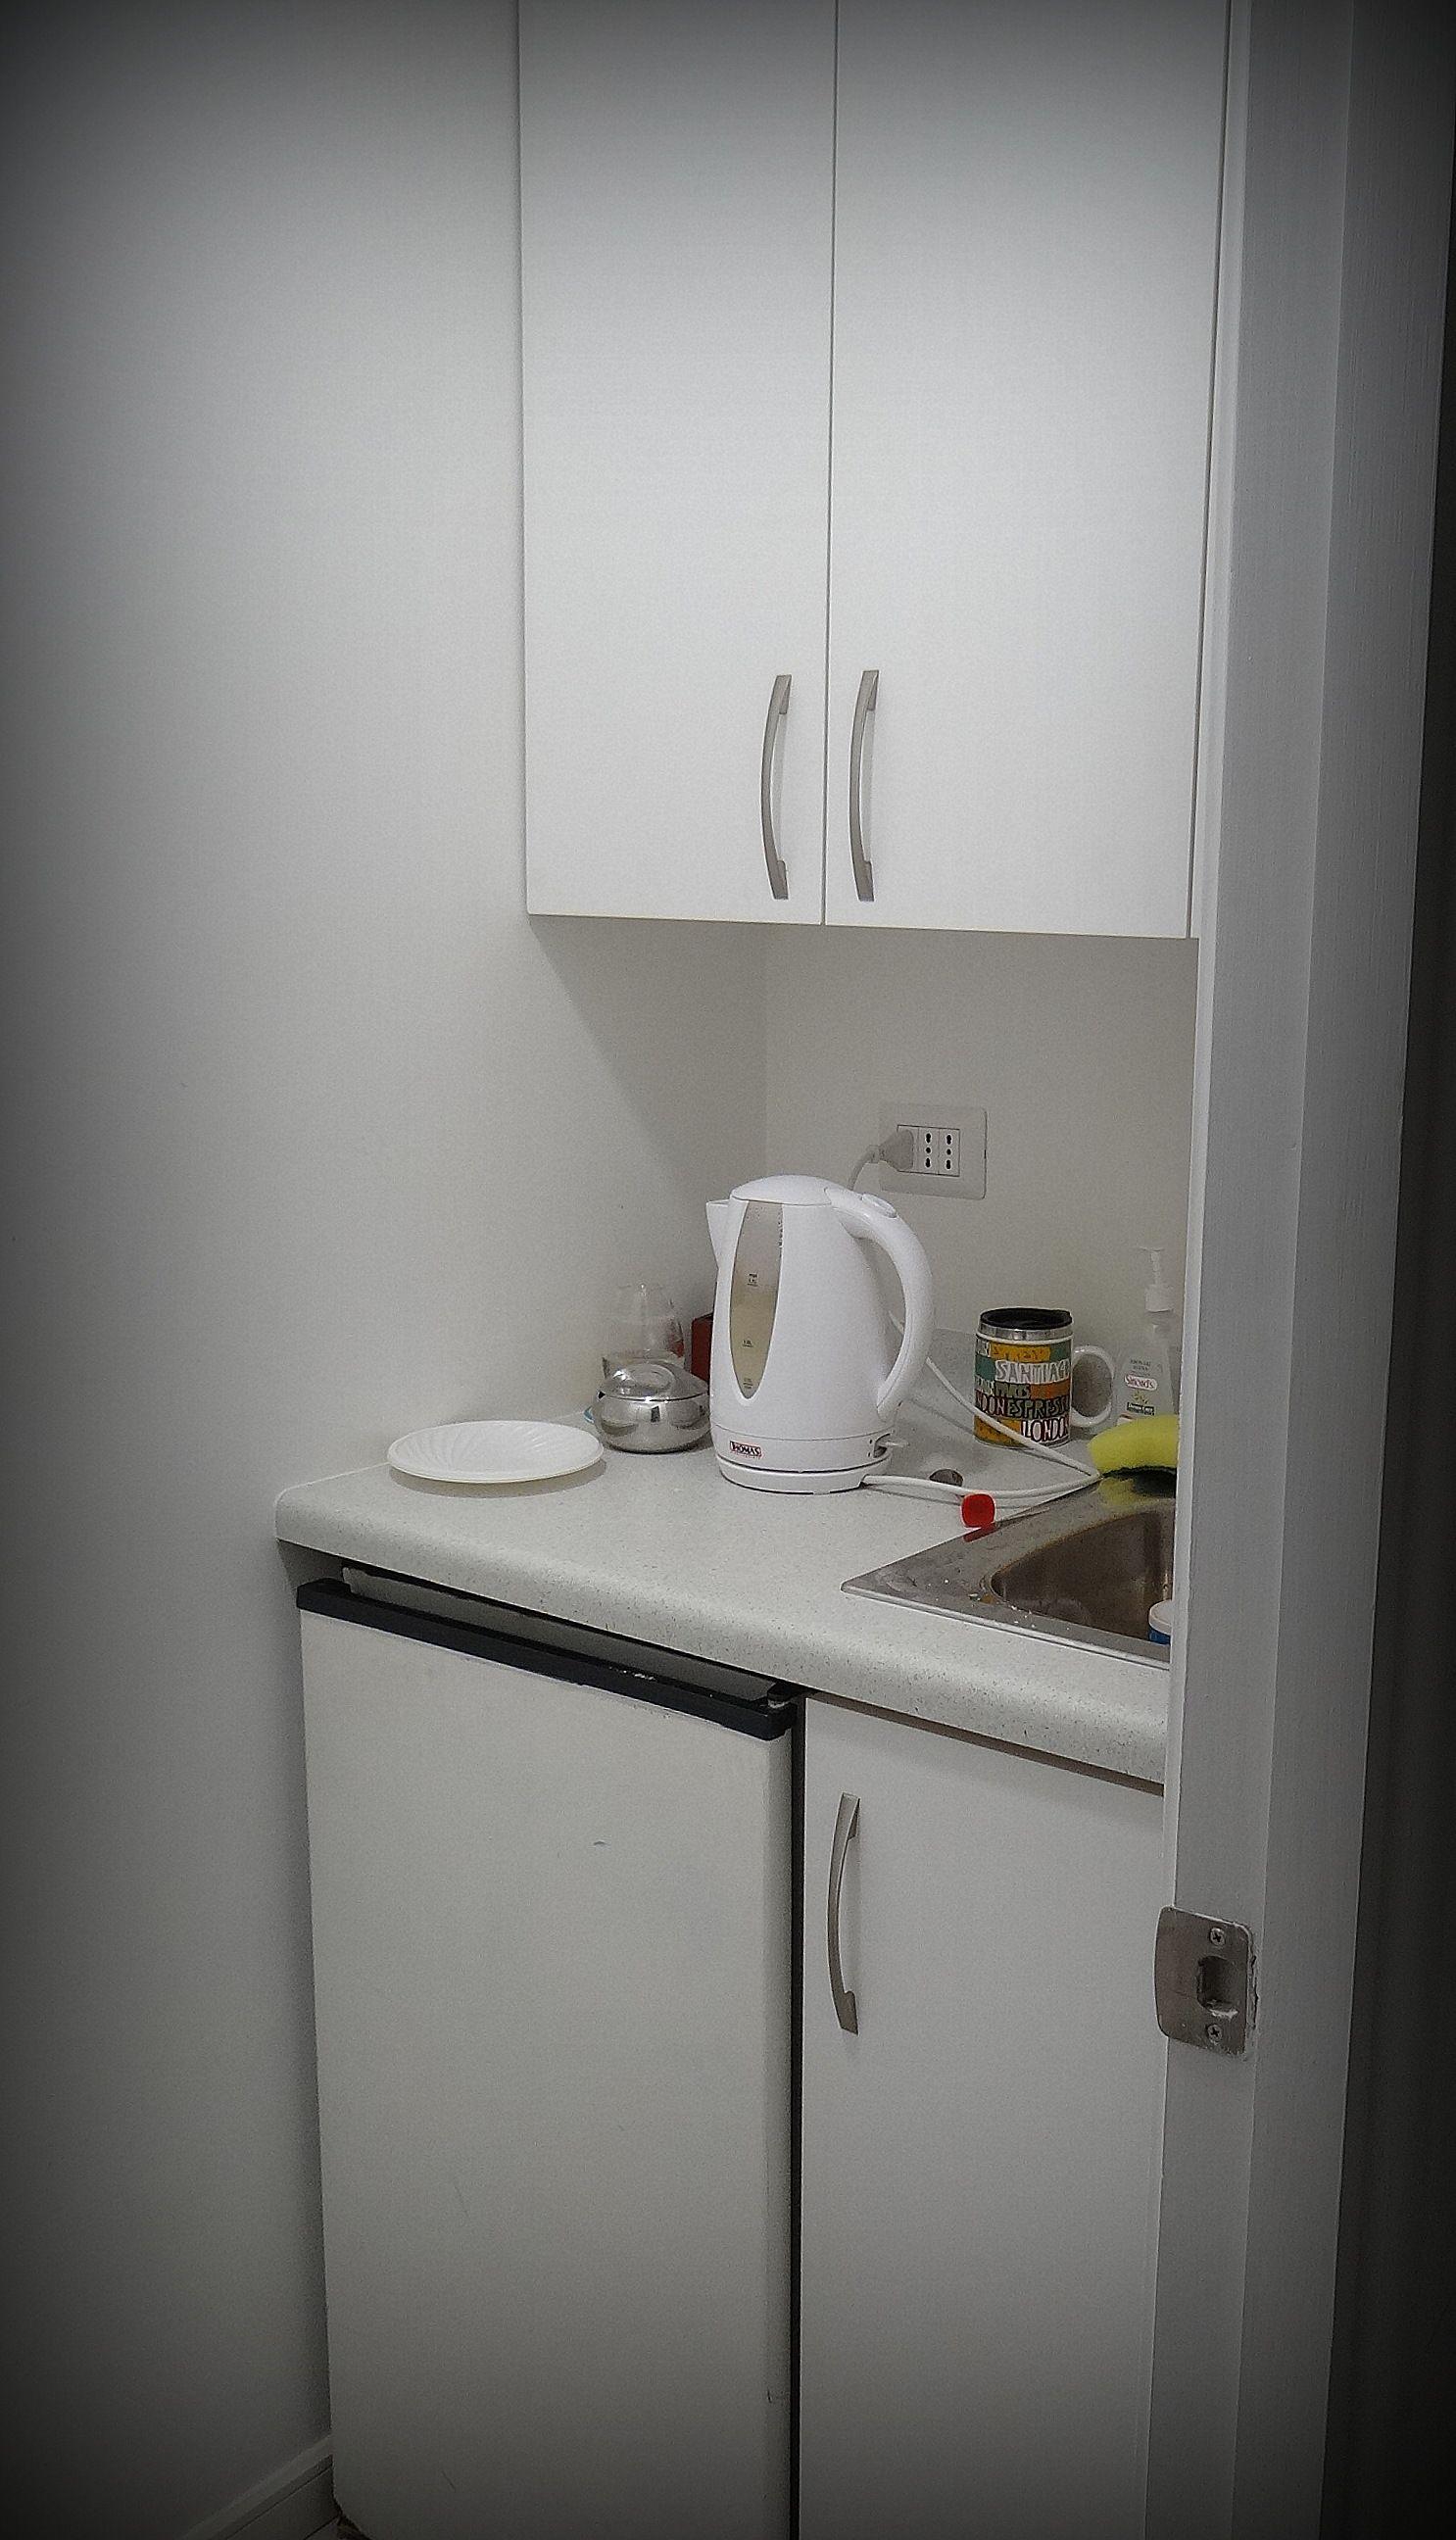 Mueble peque o para espacio de cocina lavaplato y mueble for Mobiliario cocinas pequenas